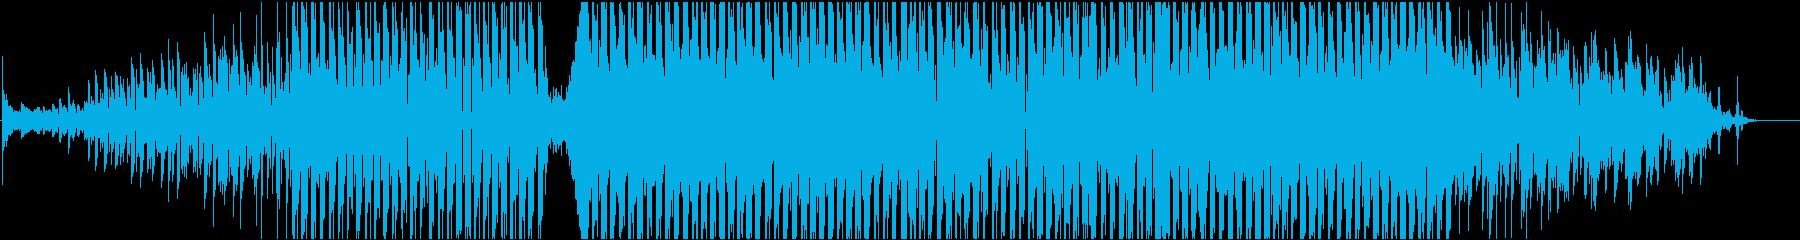 機械的、近未来的なサウンドのBGMです。の再生済みの波形